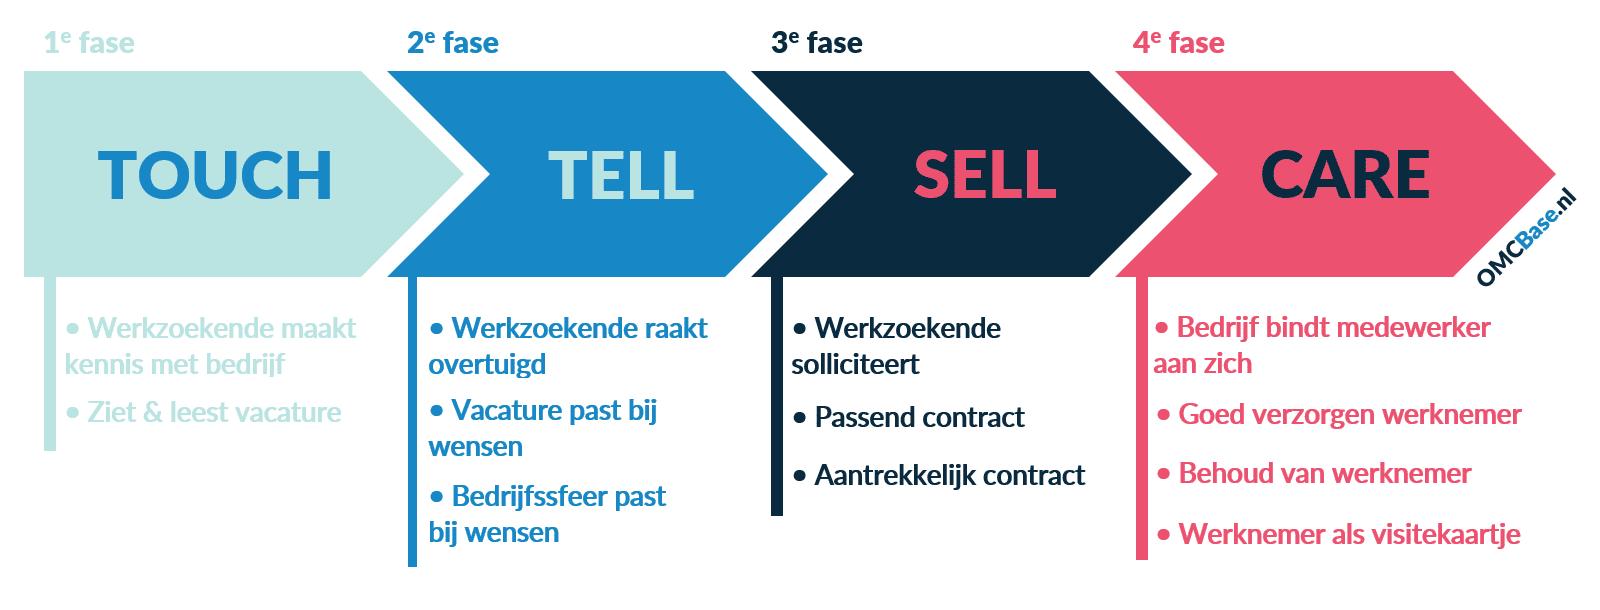 Het employer journey-model laat zien welke fases de werkzoekende doorloopt van het lezen van de vacature tot werkzaam zijn voor het bedrijf